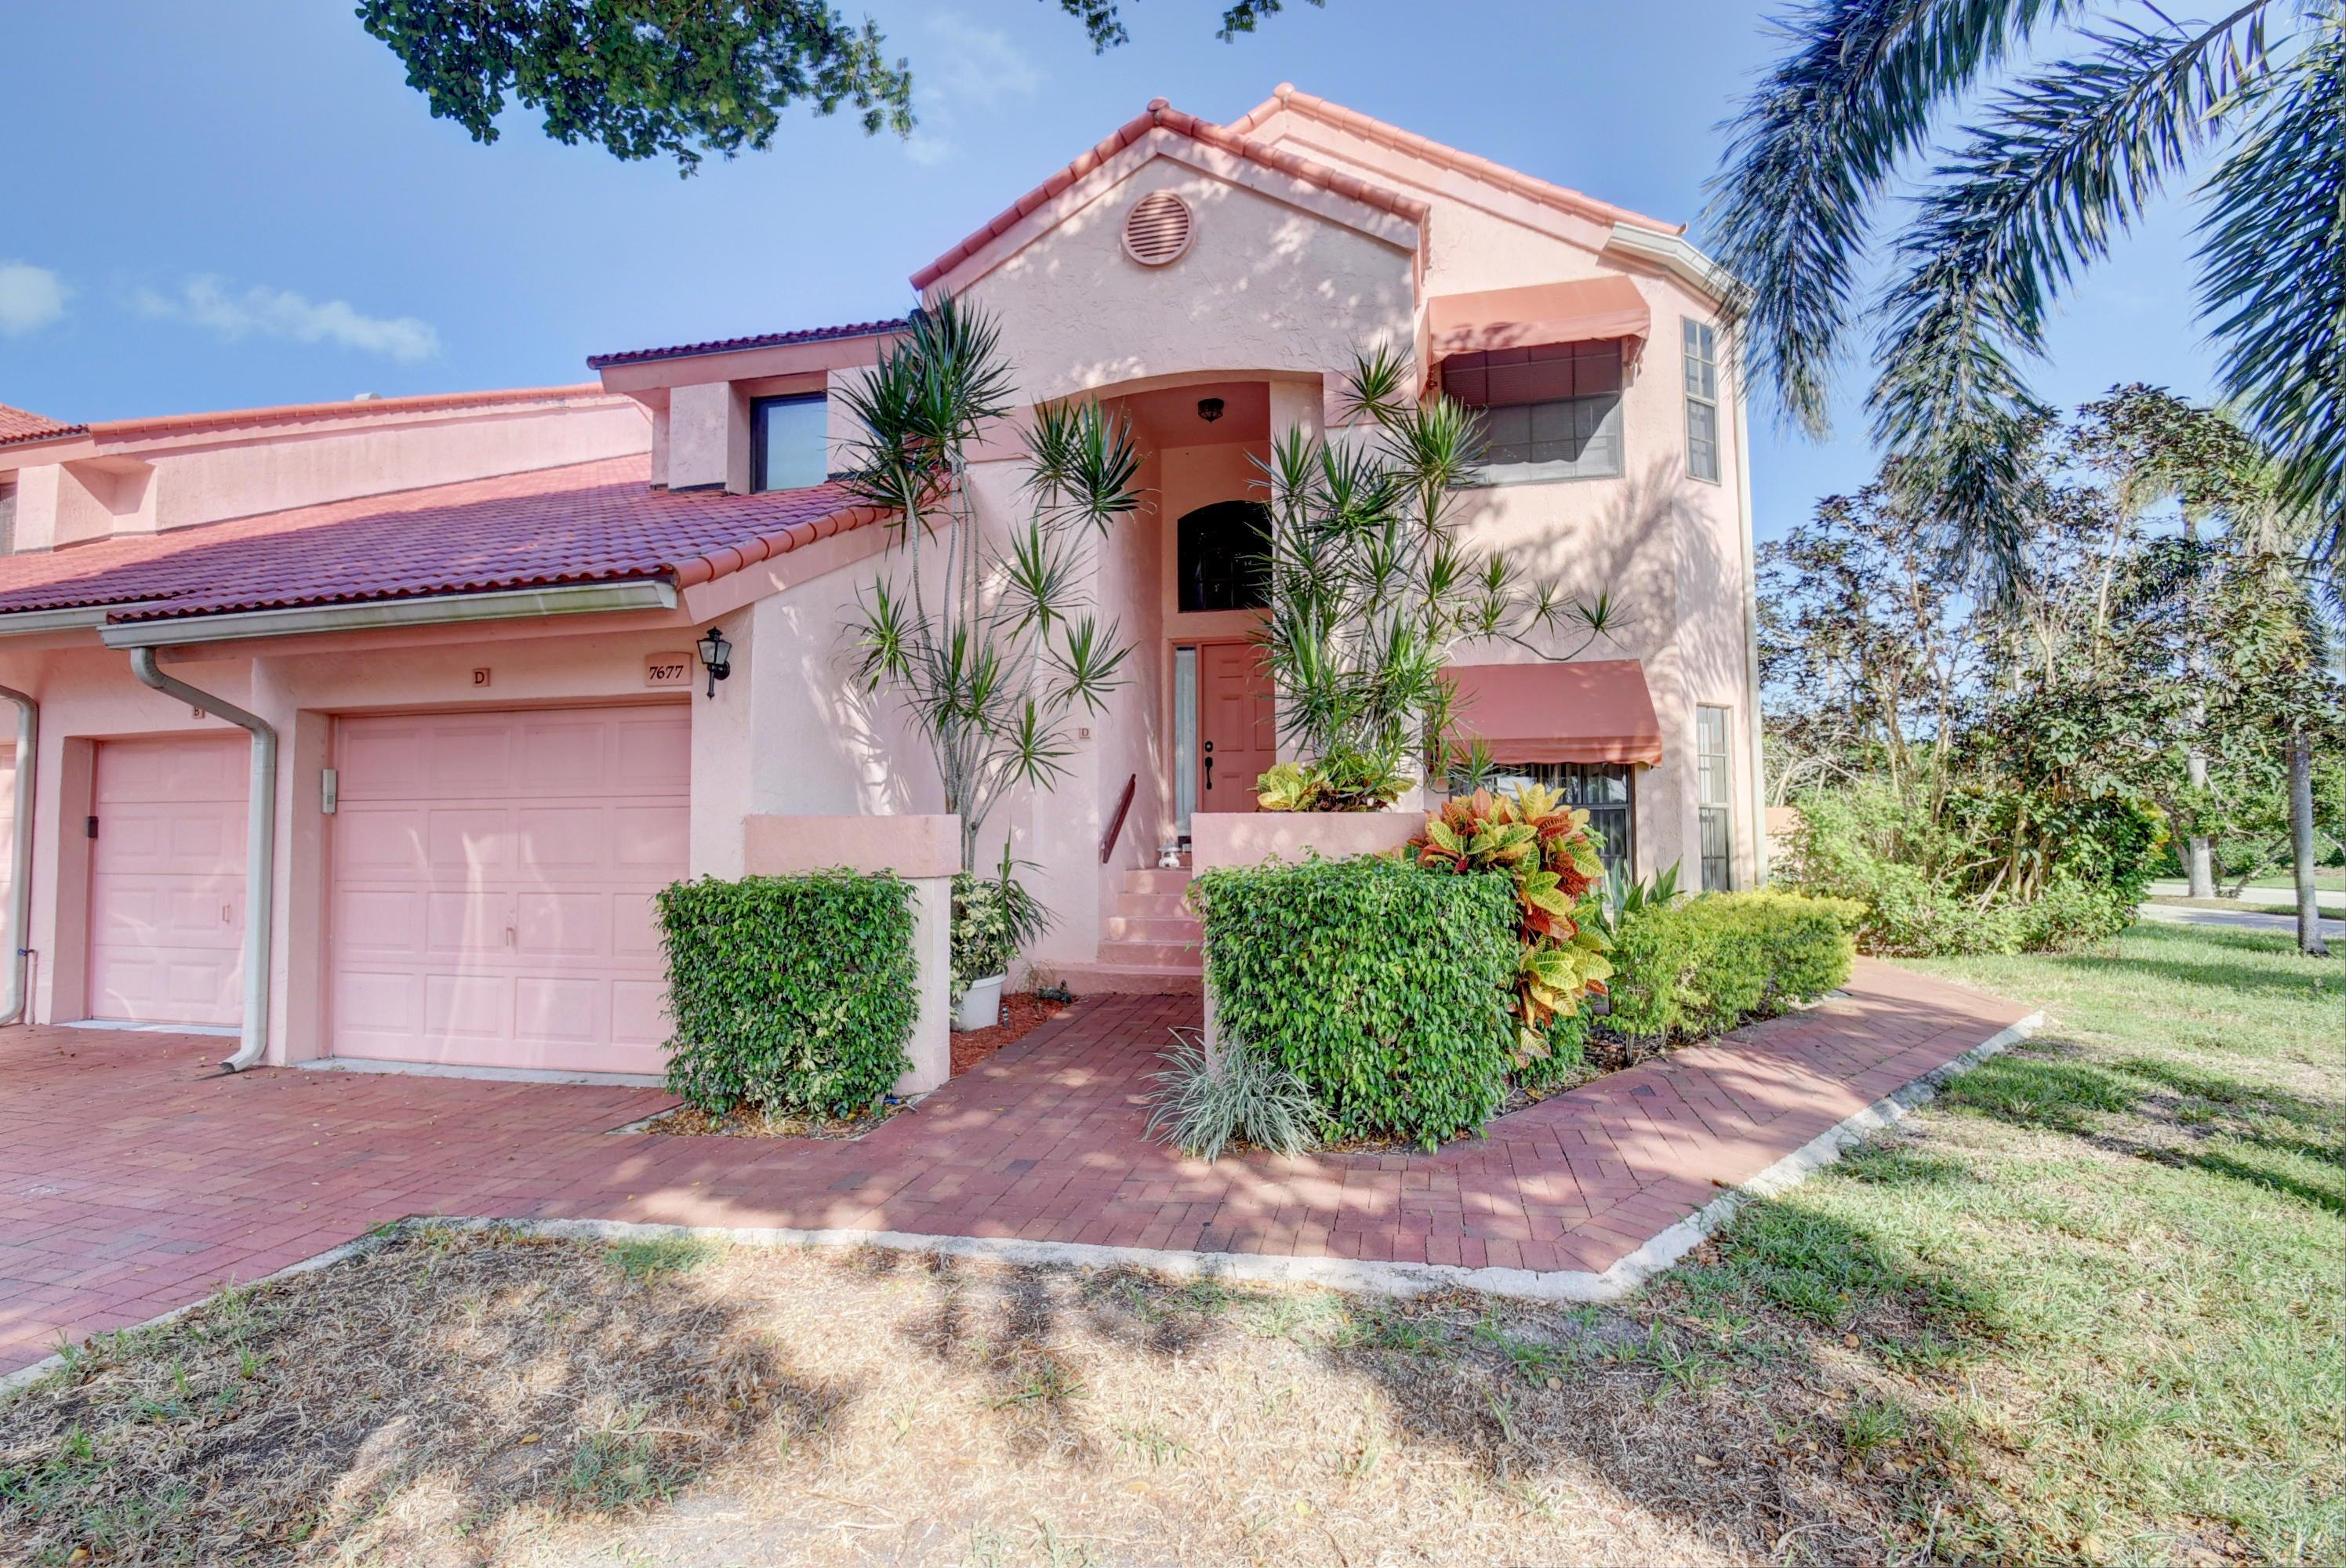 Konsum / Eigentumswohnung für Verkauf beim 7677 Lexington Club Boulevard 7677 Lexington Club Boulevard Delray Beach, Florida 33446 Vereinigte Staaten